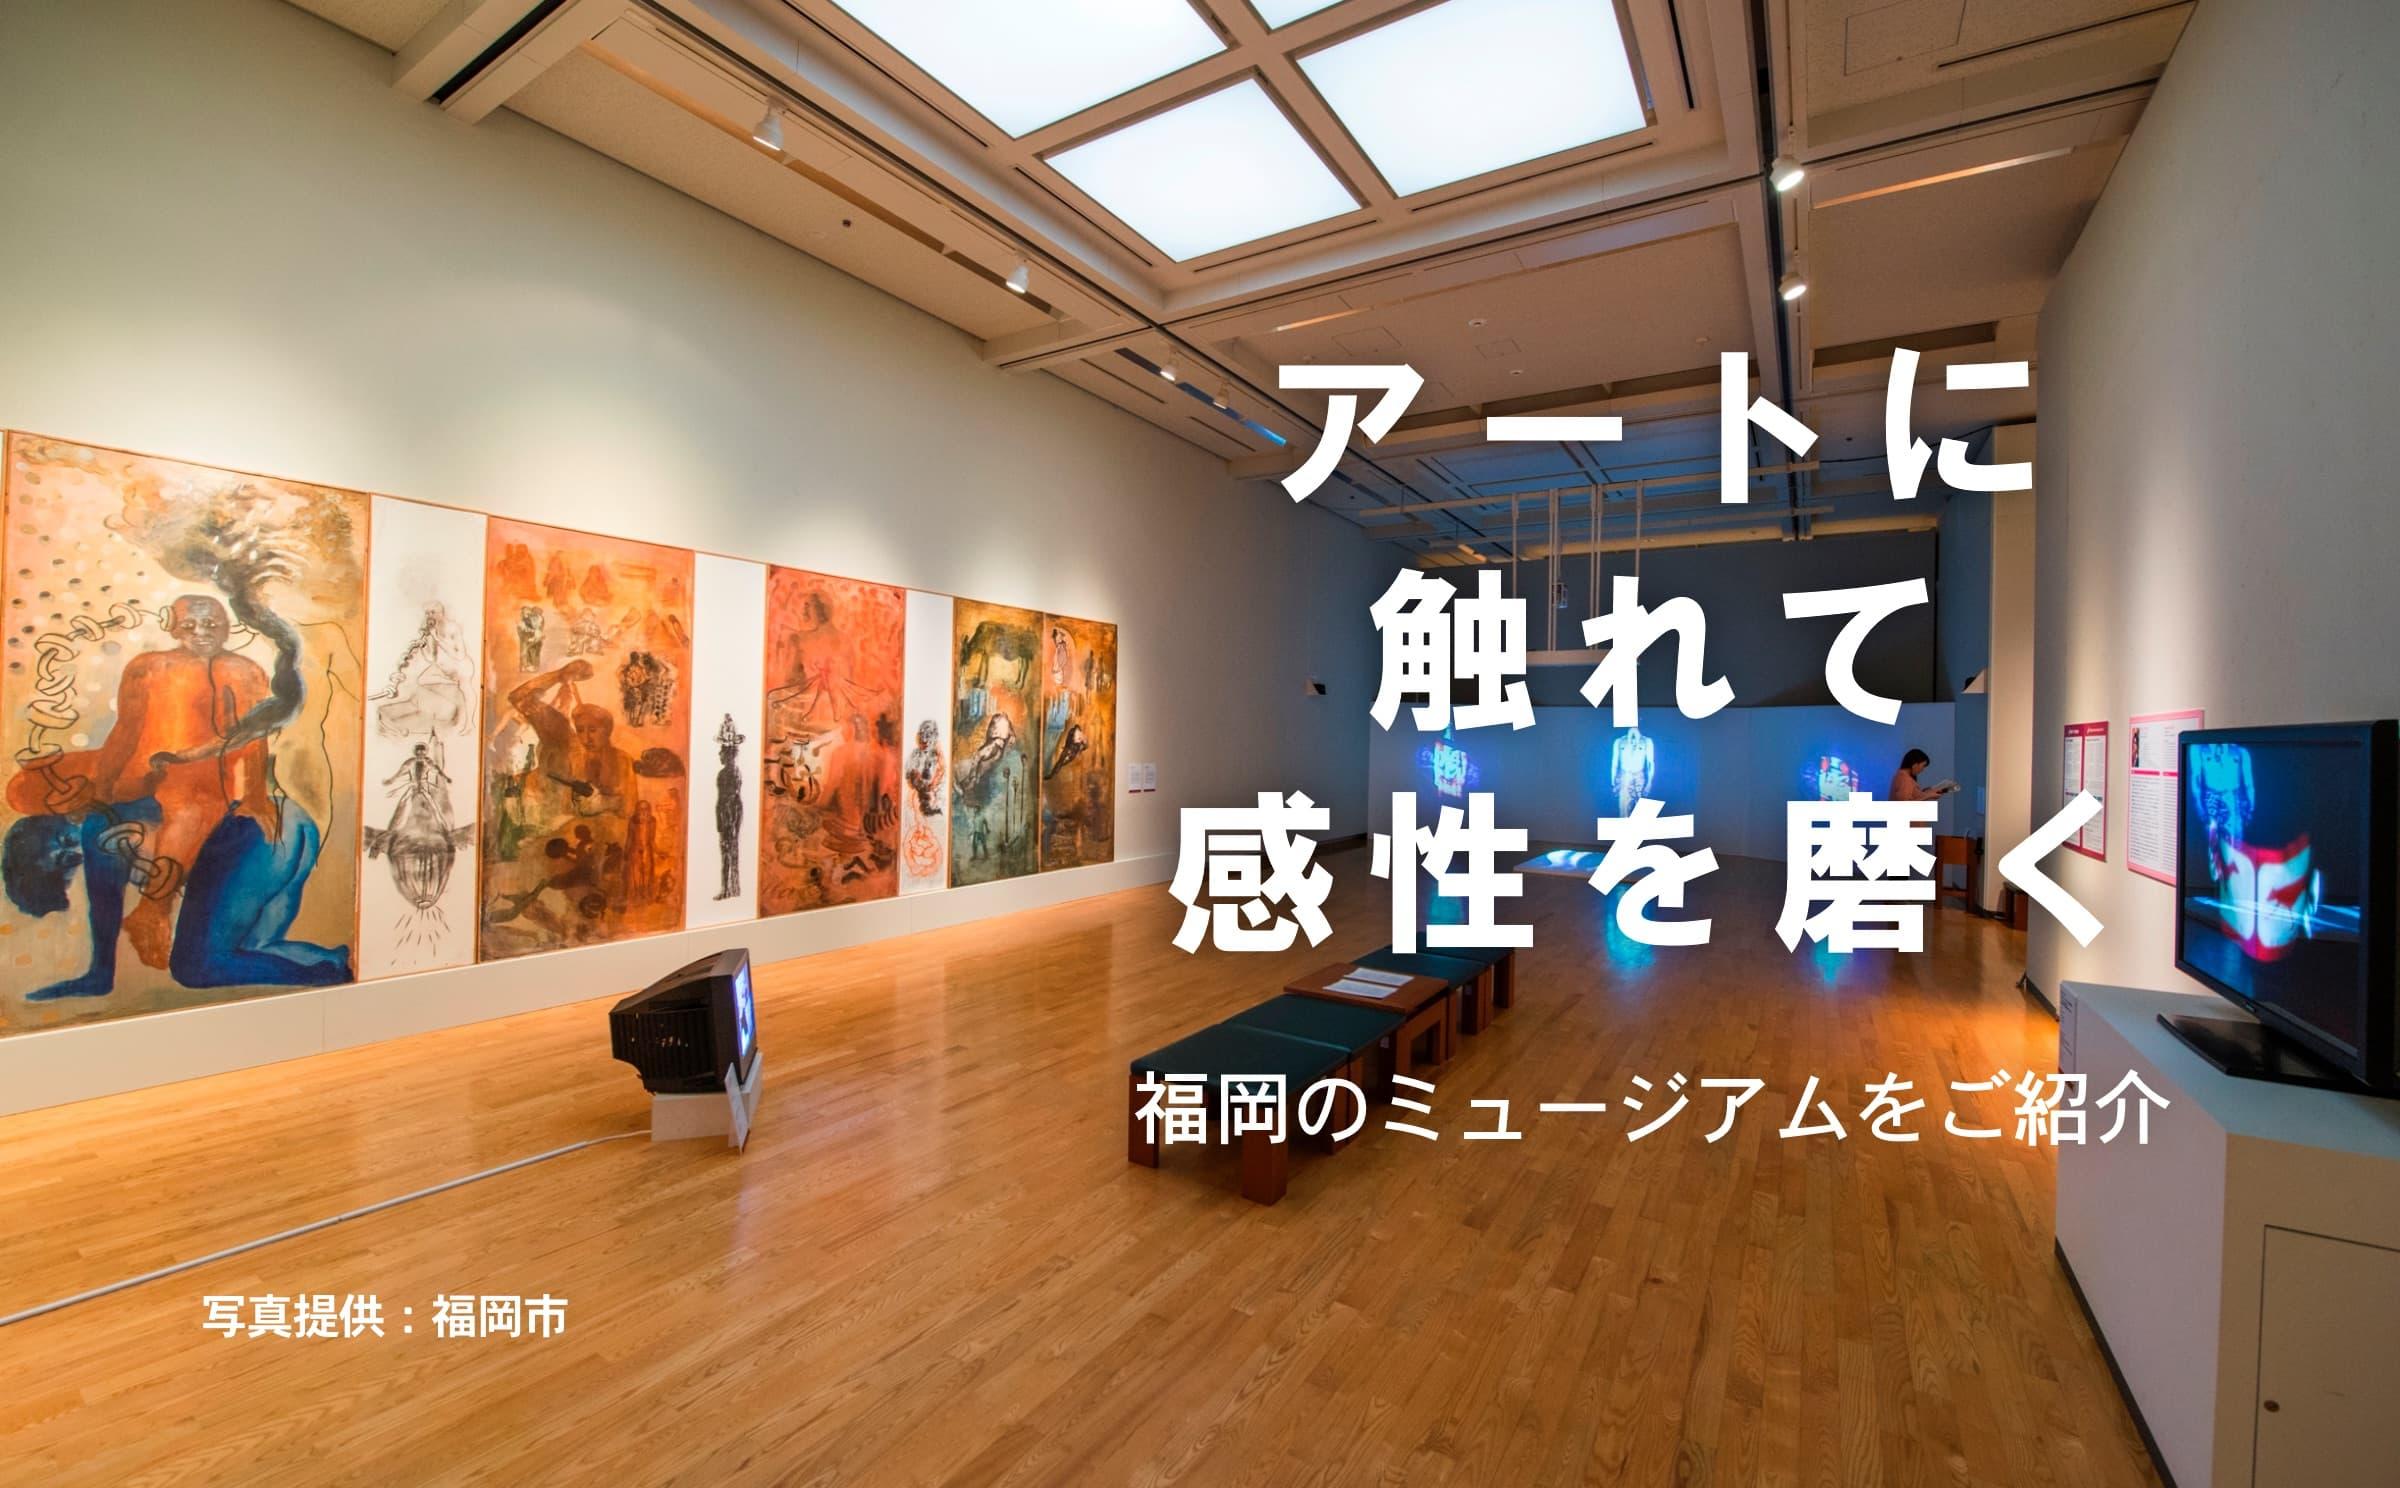 福岡のミュージアムでアートに触れて、感性を磨こう。